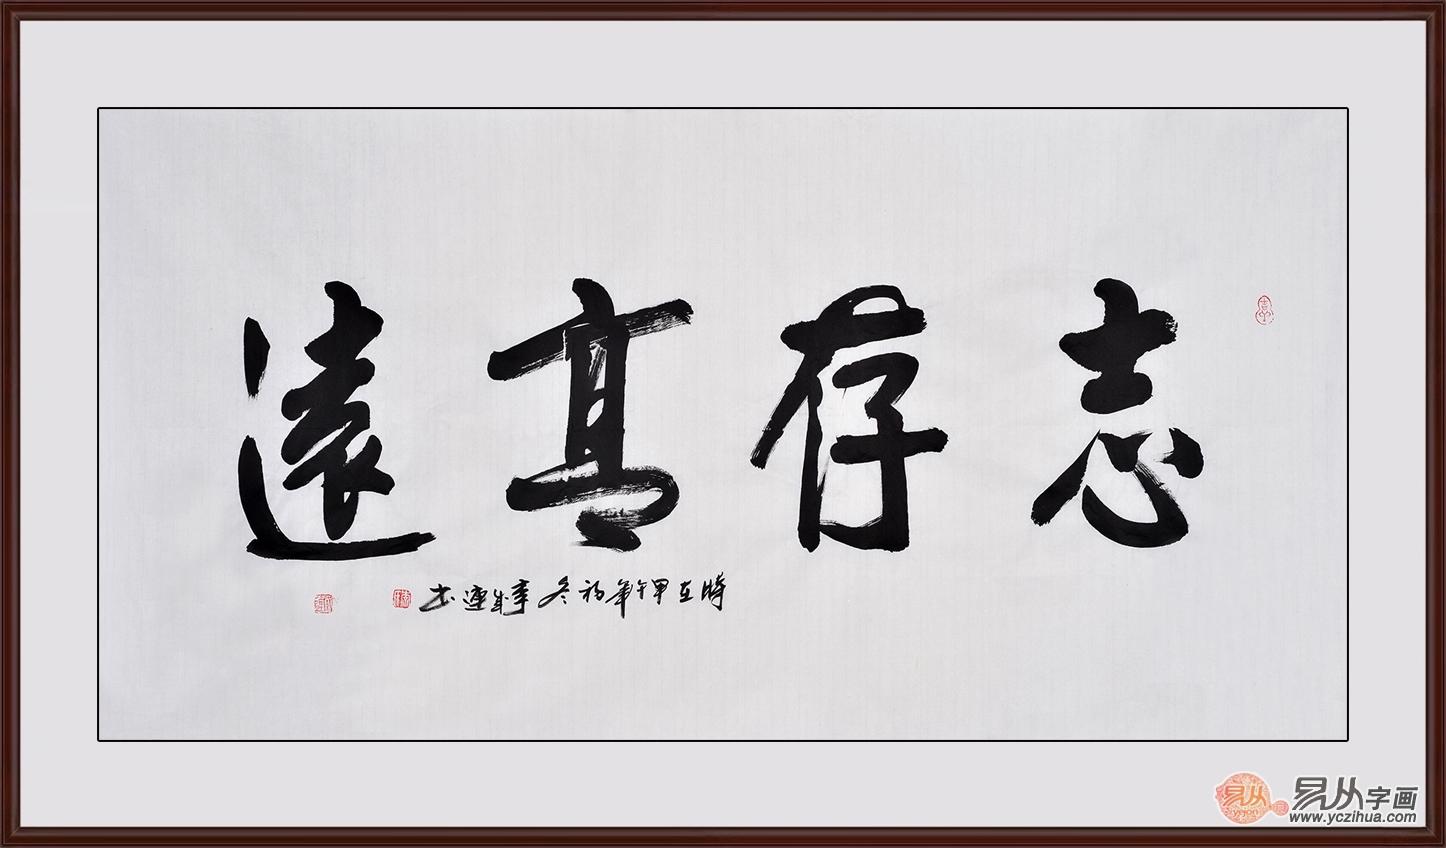 励志书法内容 中国书协李成连四尺横幅精品书法《志存高远》-激励